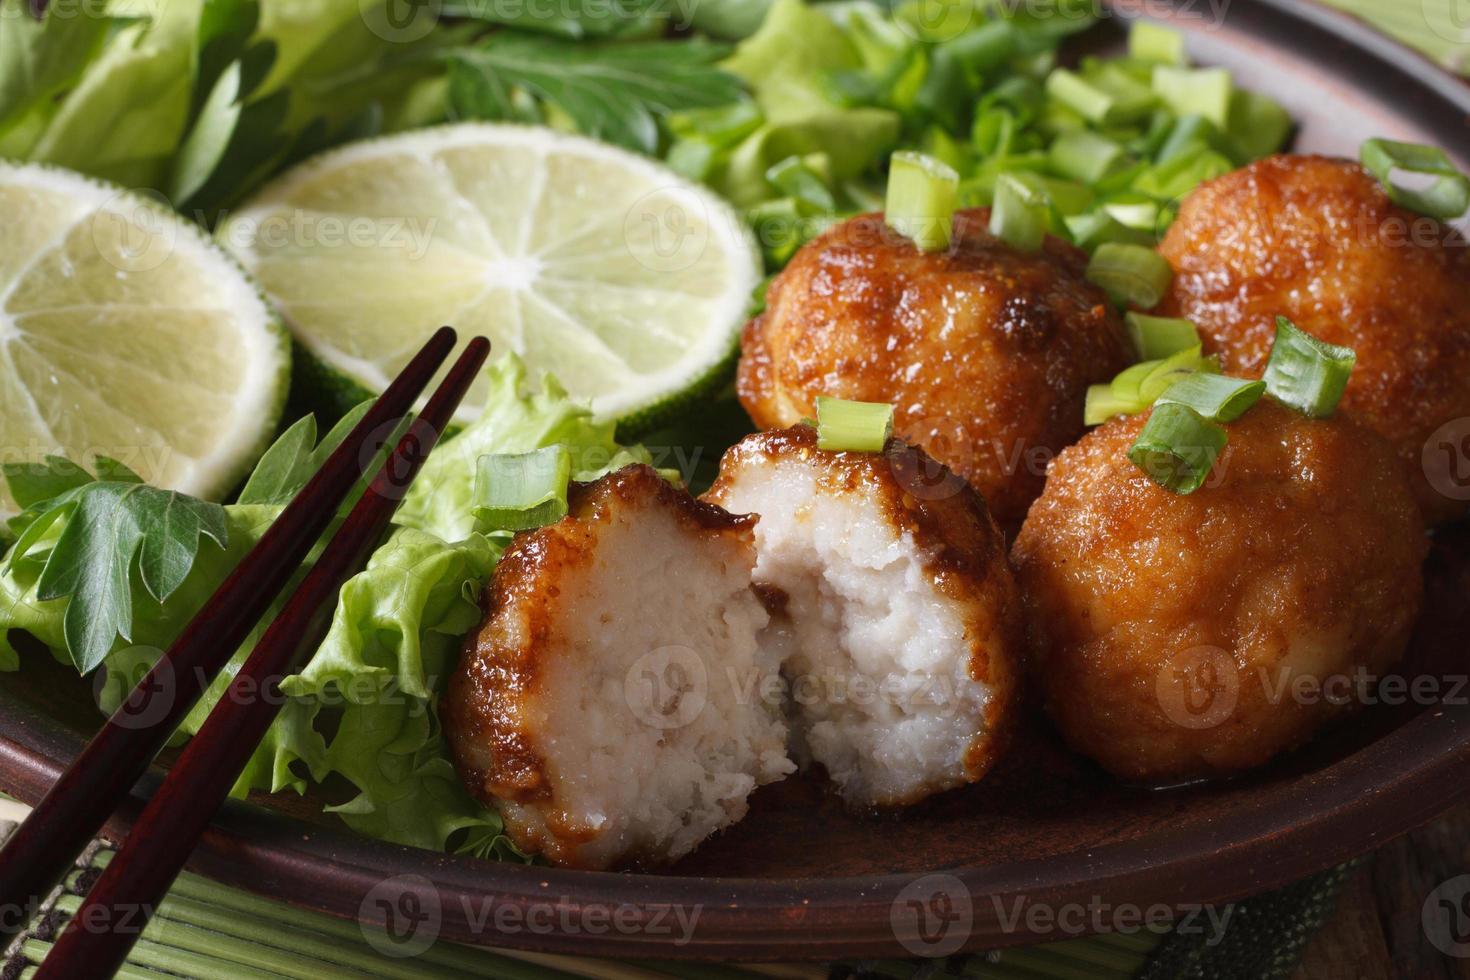 boulettes de poisson au citron vert et salade sur la plaque macro. horizontal photo